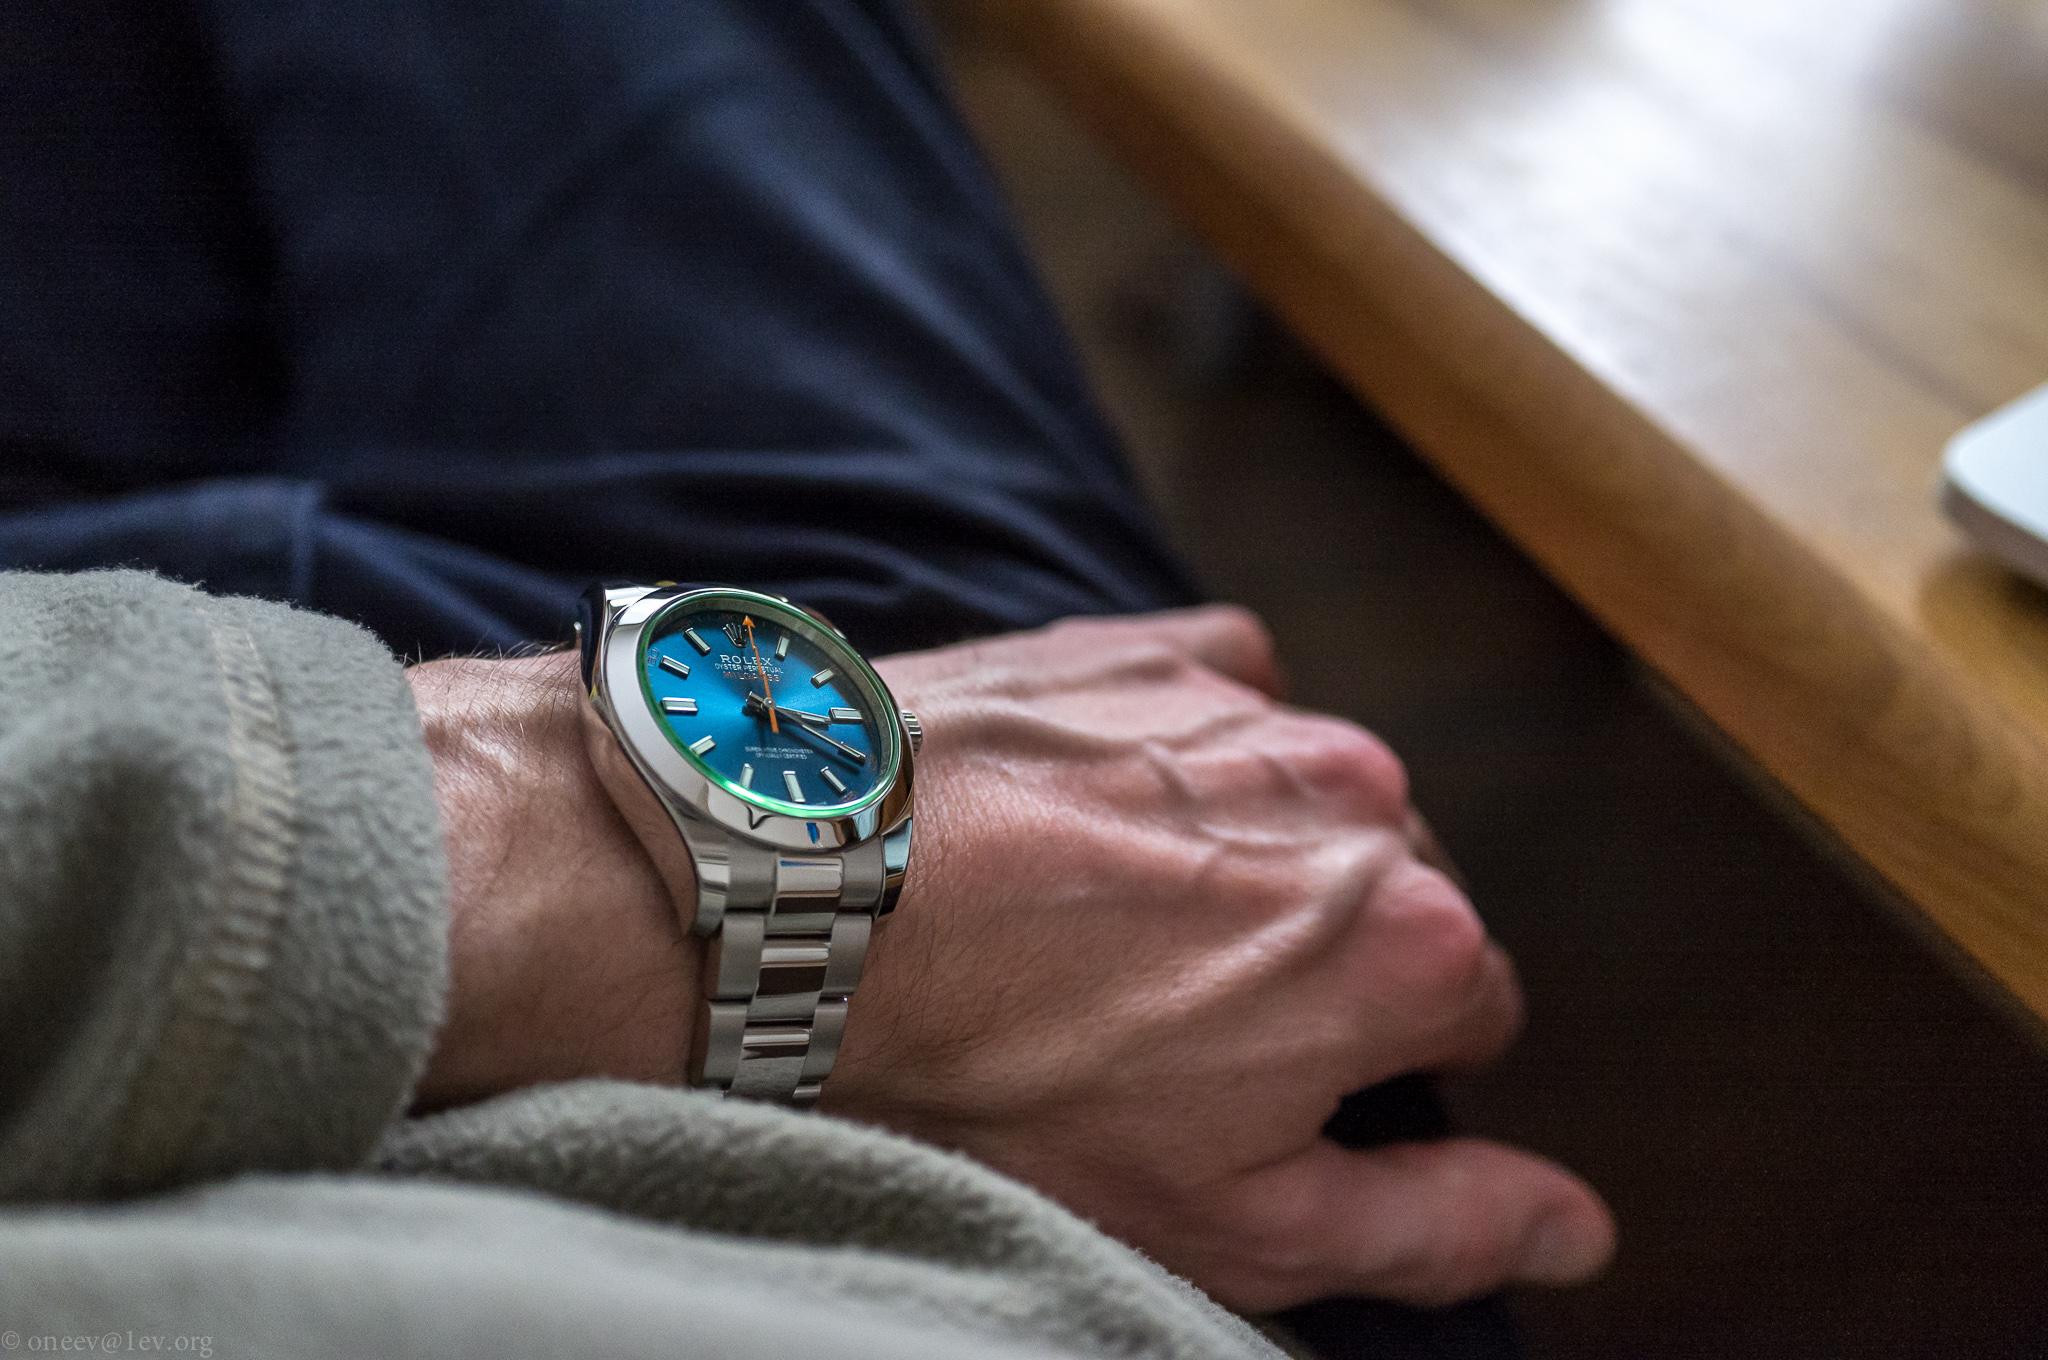 Revue illustrée de la Rolex Milgauss Z-Blue 20150131-DSCF5876